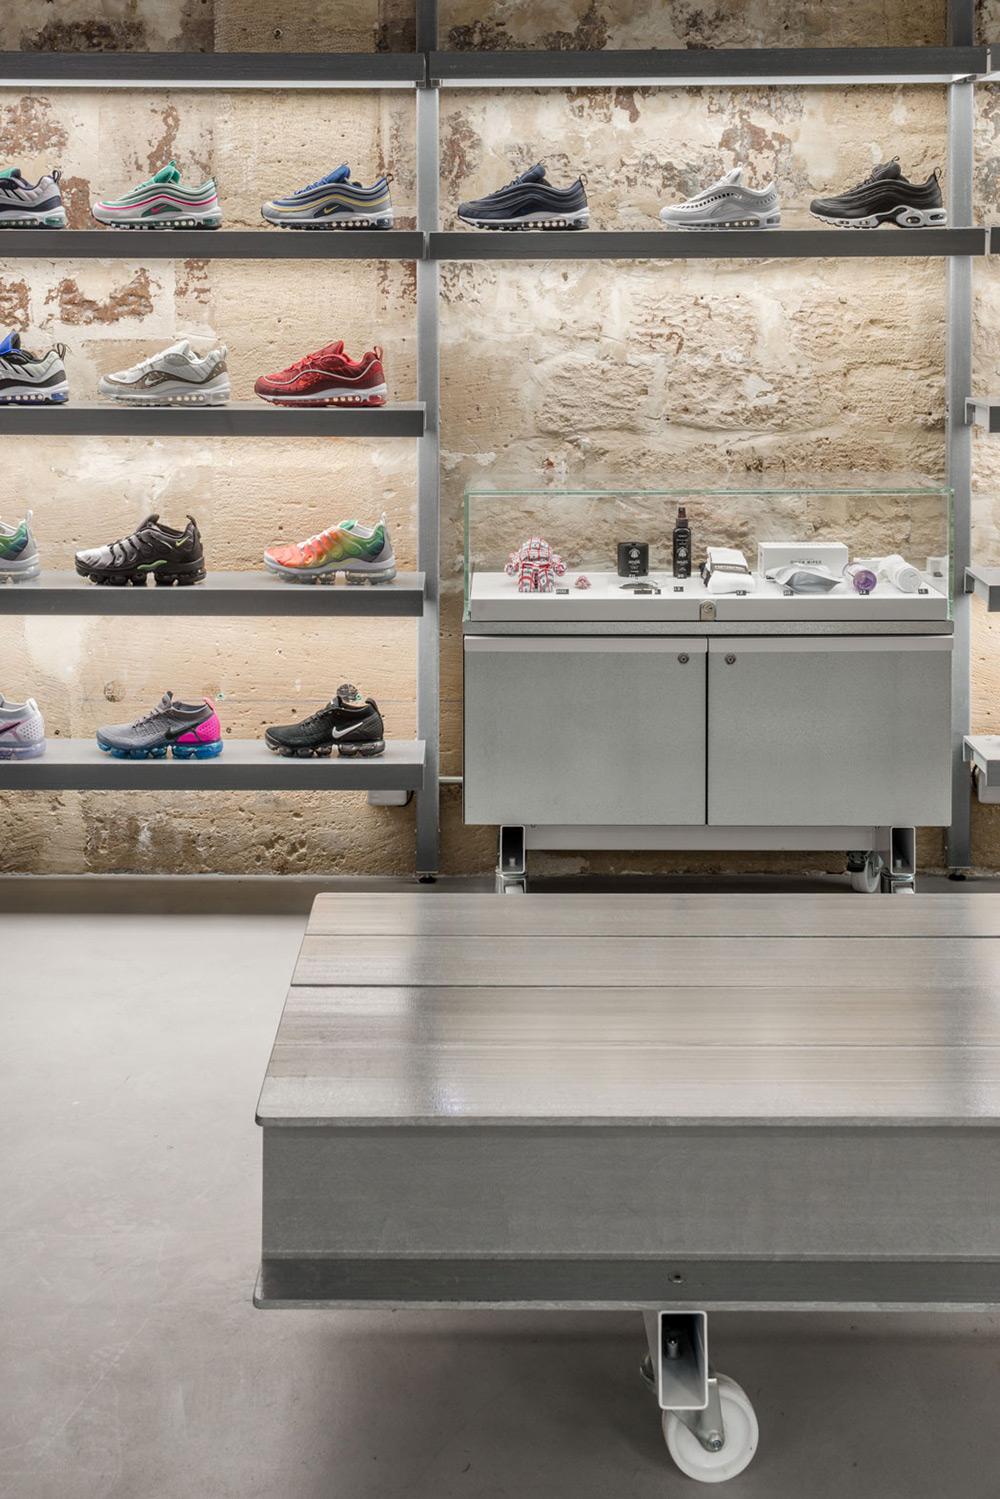 Footpatrol-Paris-Store-Images-Blog-5.jpg